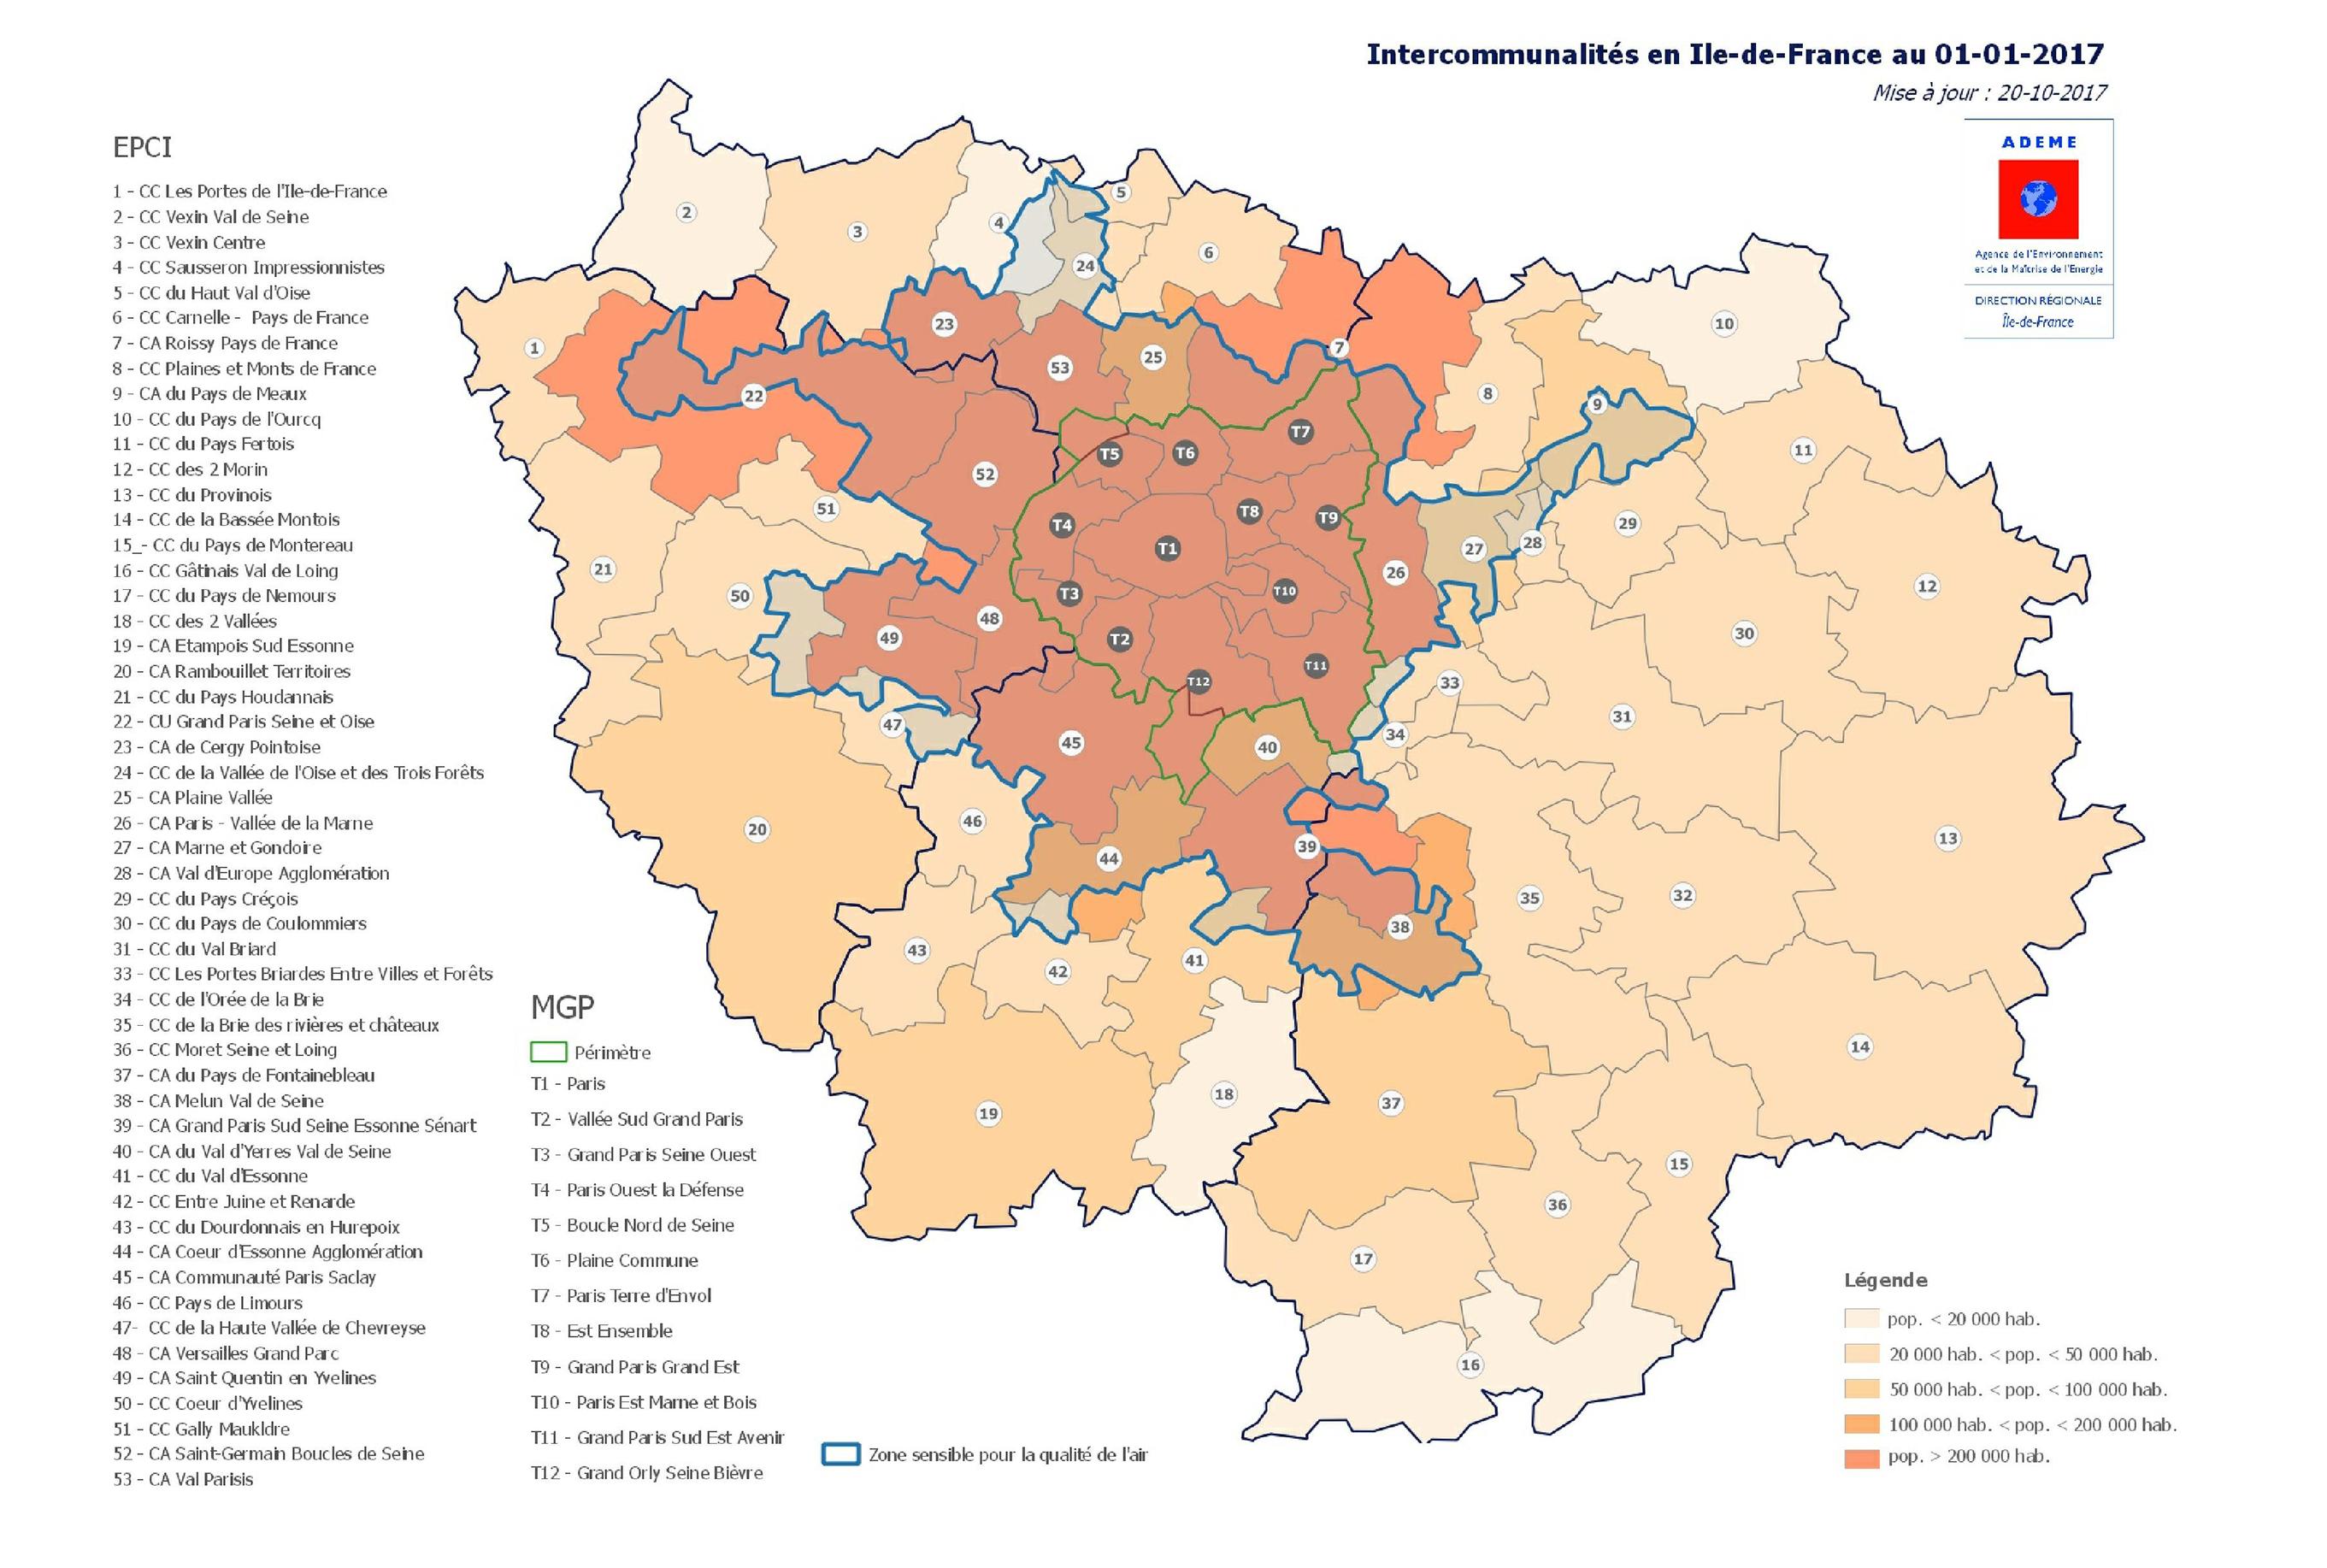 Qualité de l'air : les zones sensibles du territoire francilien au 01/01/2017